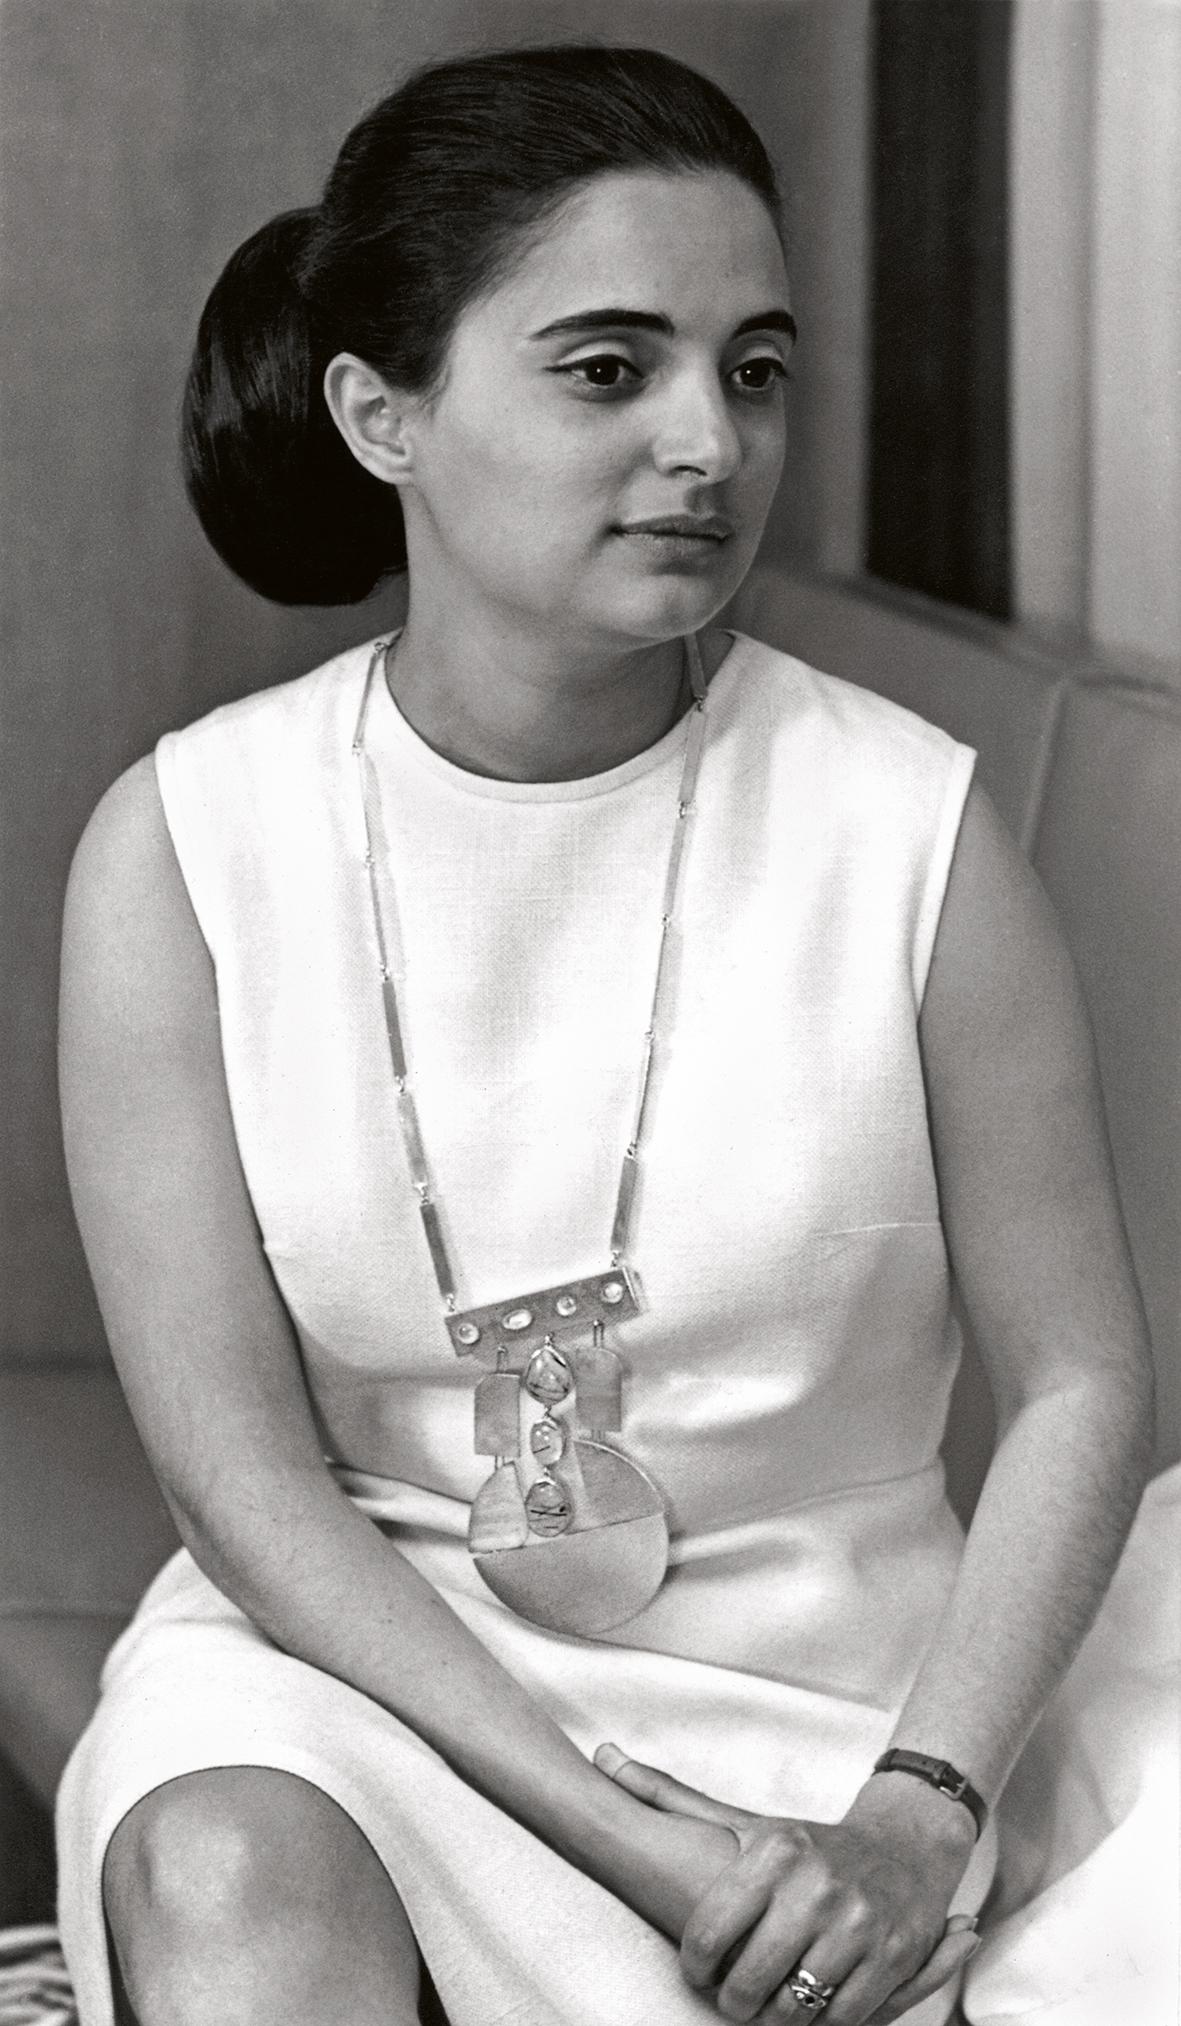 Kukas, halssieraad, 1968. Foto Carlos Barral, zilver, maanstenen, rutielkwarts